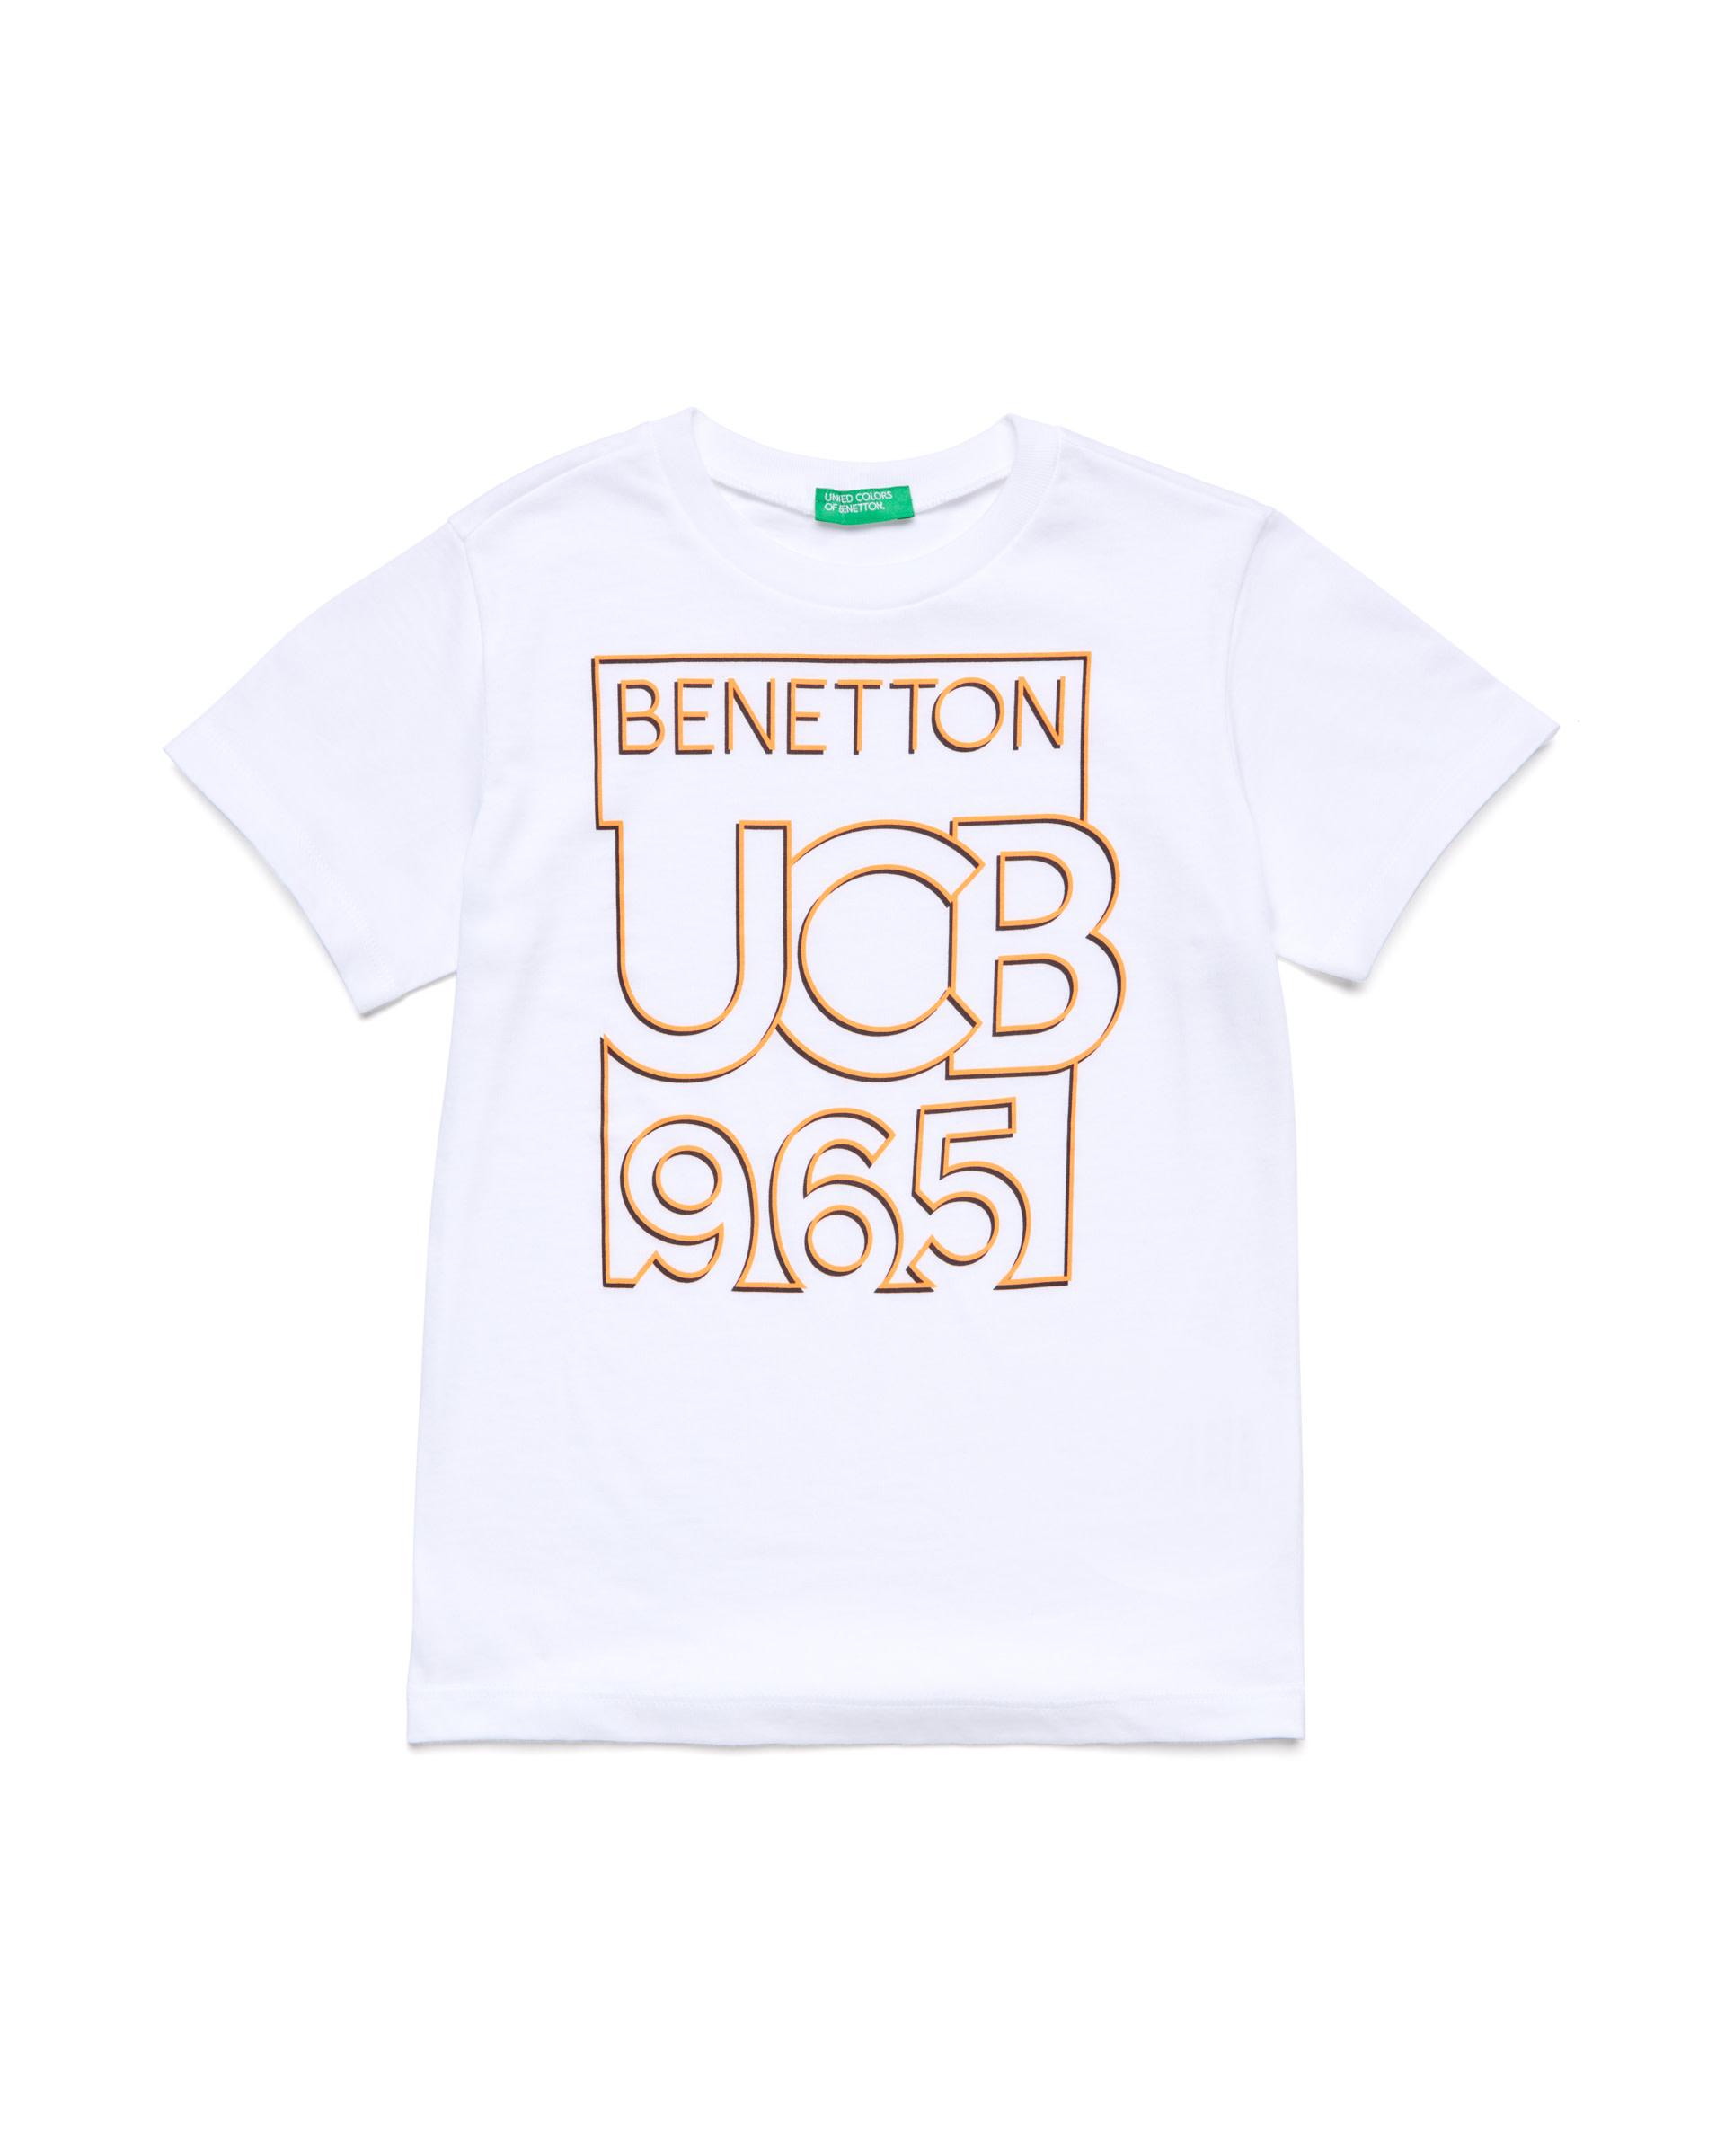 Купить 20P_3096C14PI_101, Футболка для мальчиков Benetton 3096C14PI_101 р-р 110, United Colors of Benetton, Футболки для мальчиков